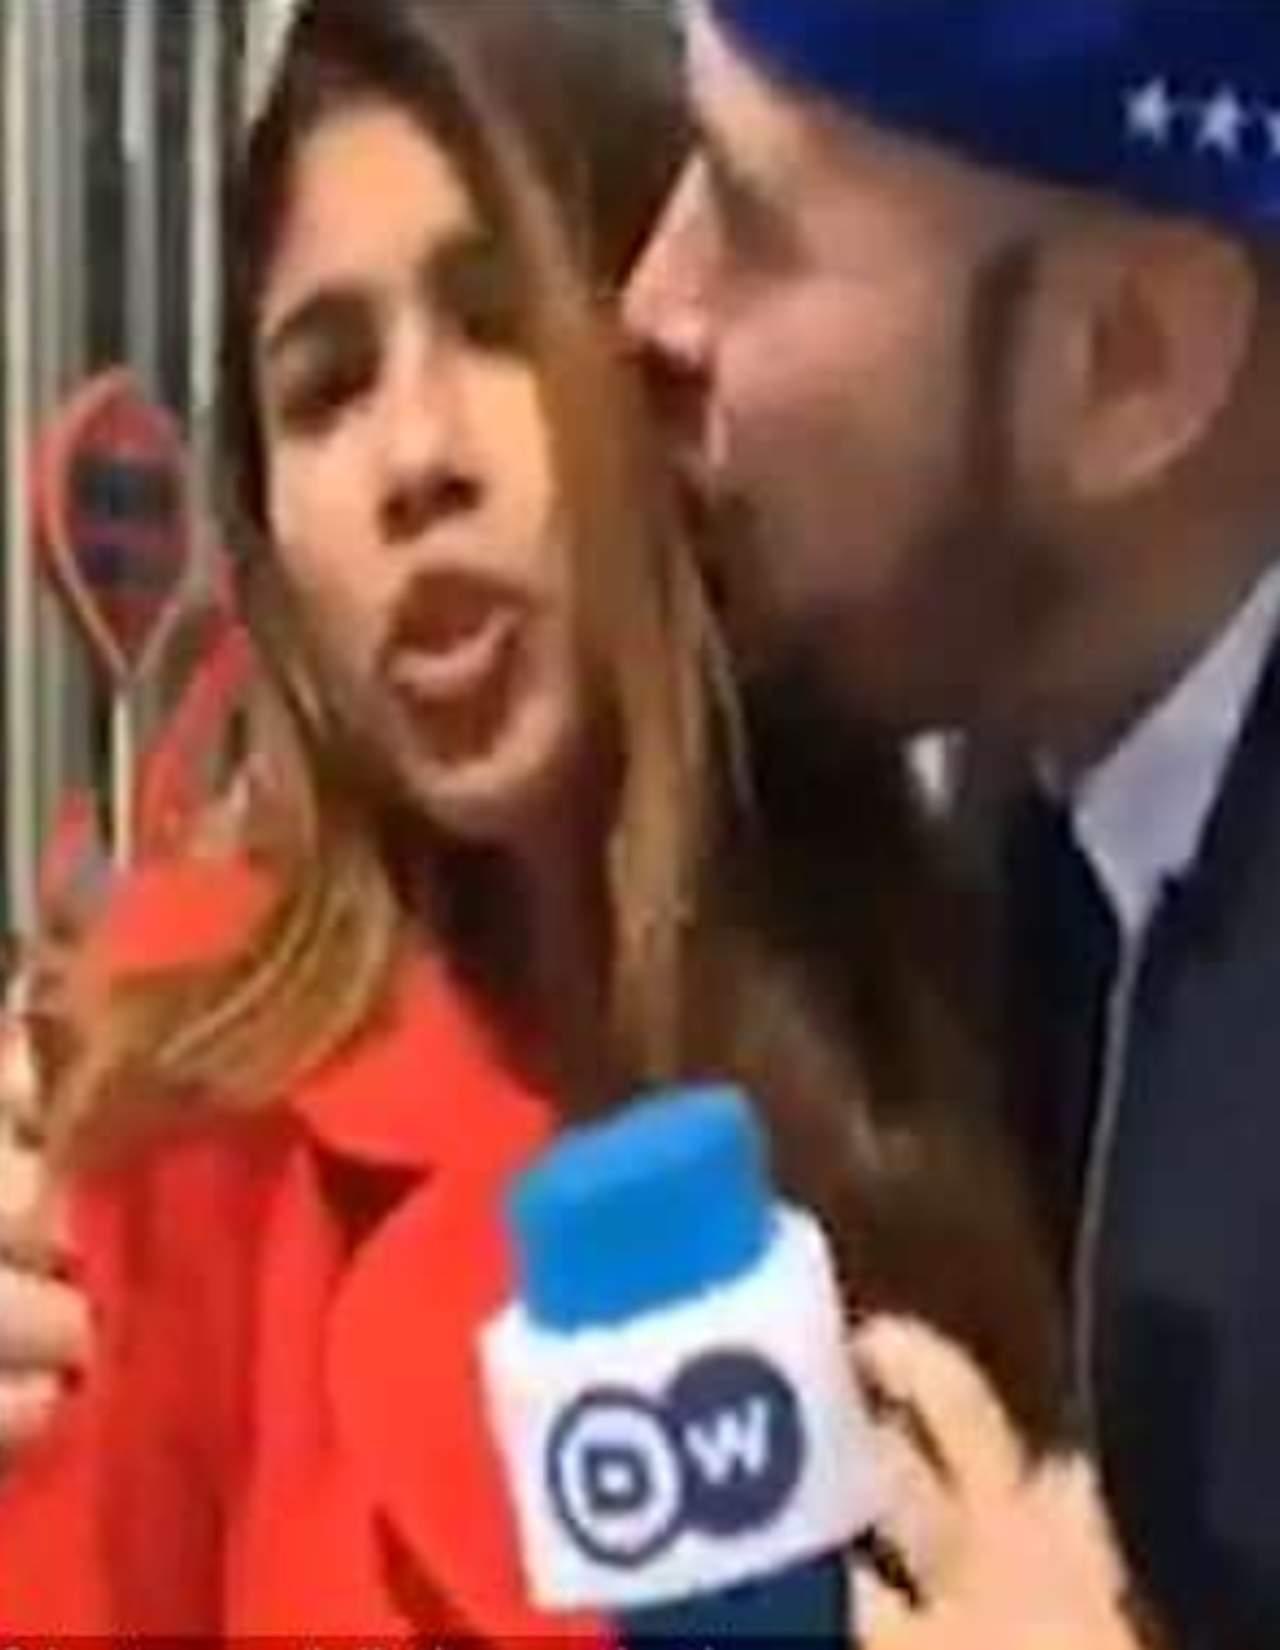 Reportera acosada sexualmente en directo